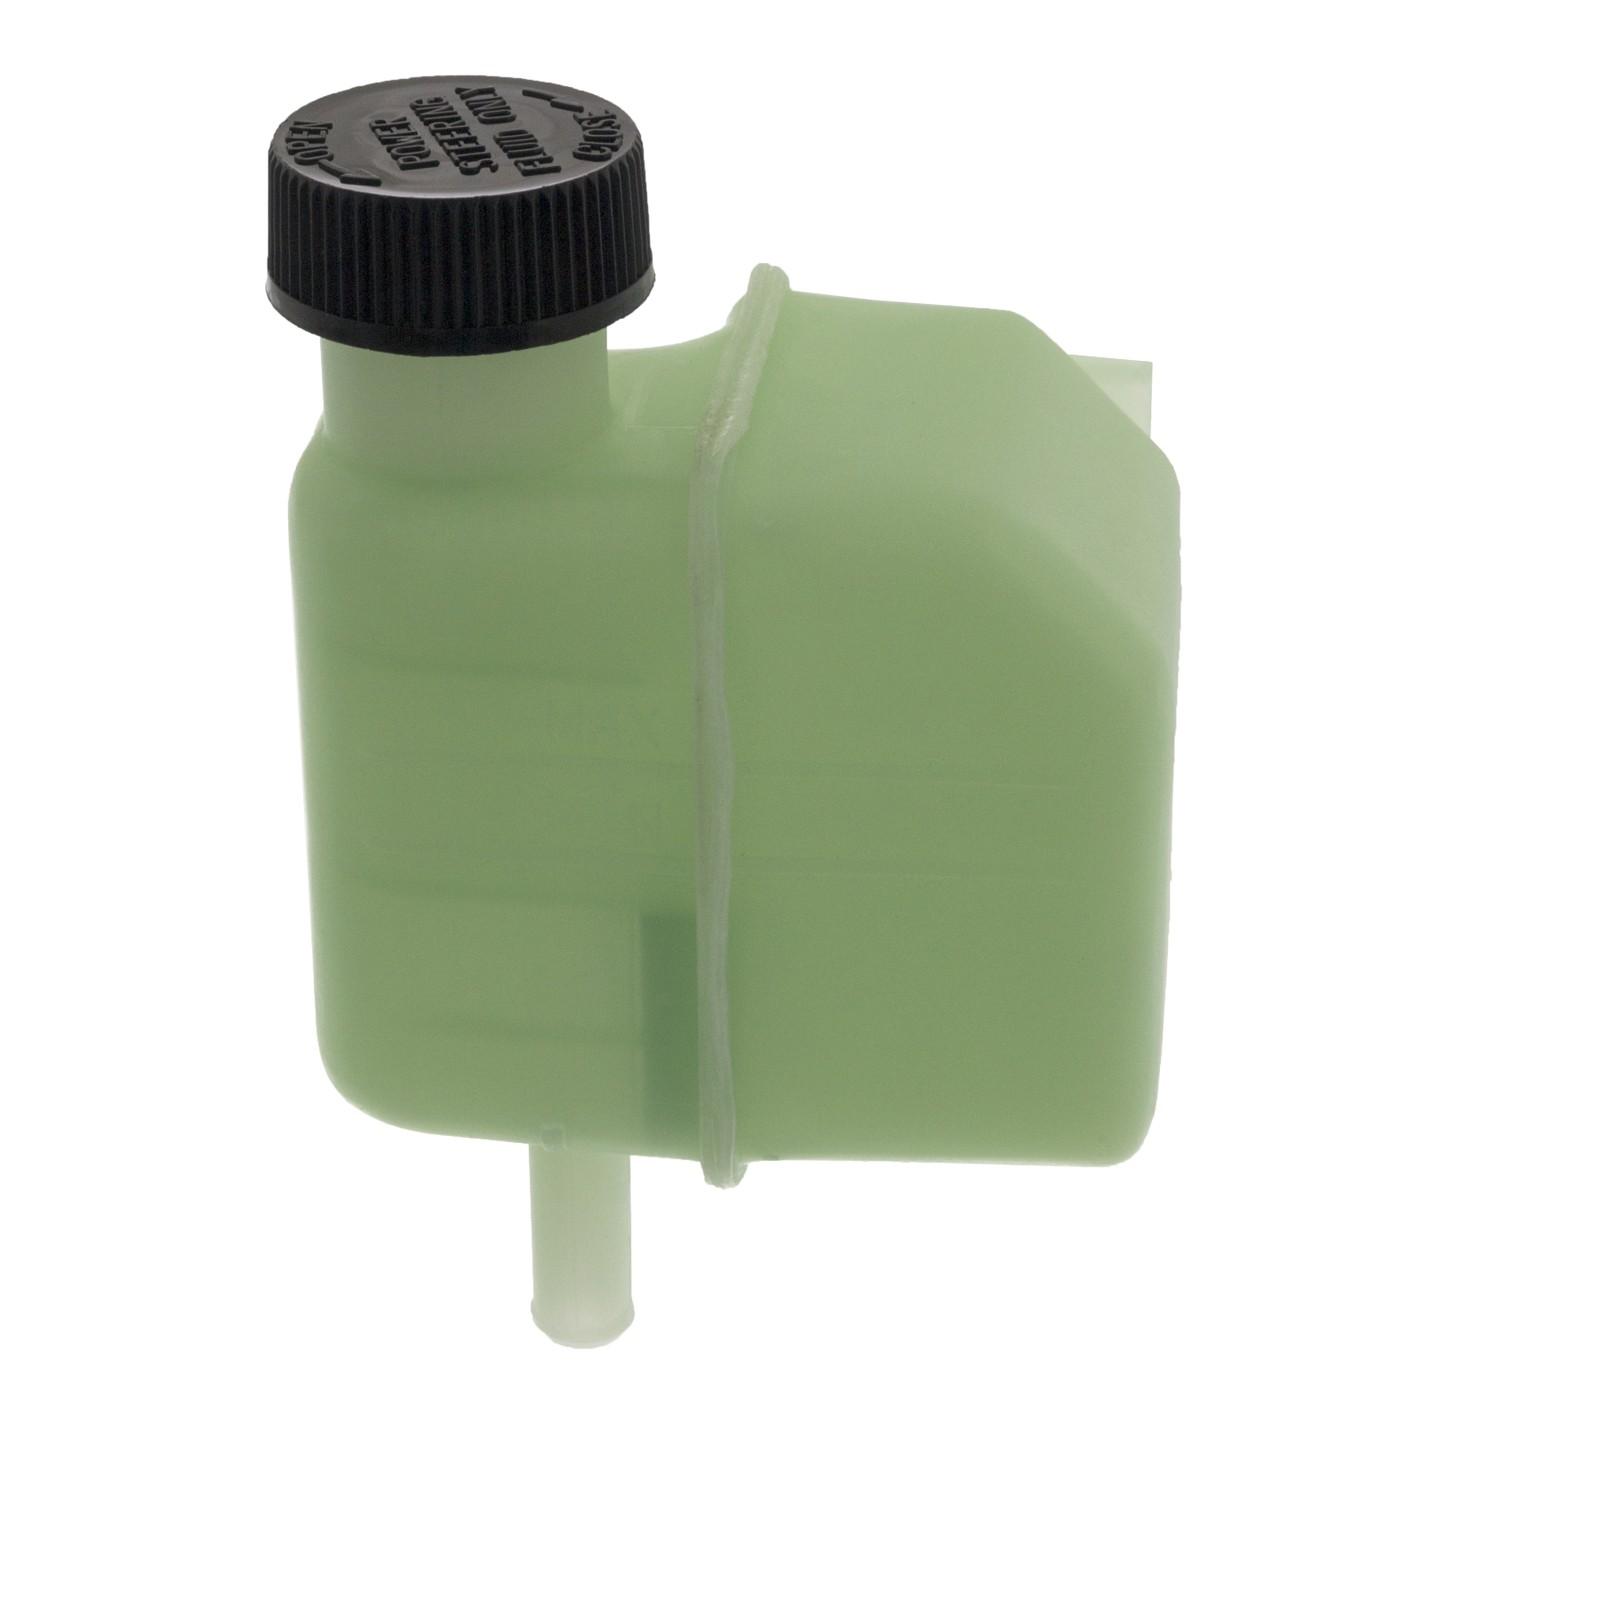 FEBI 49734 Ausgleichsbehälter Hydrauliköl MAZDA 6 (GG GY) 1.8 2.0 2.3 GJ6A-32-690